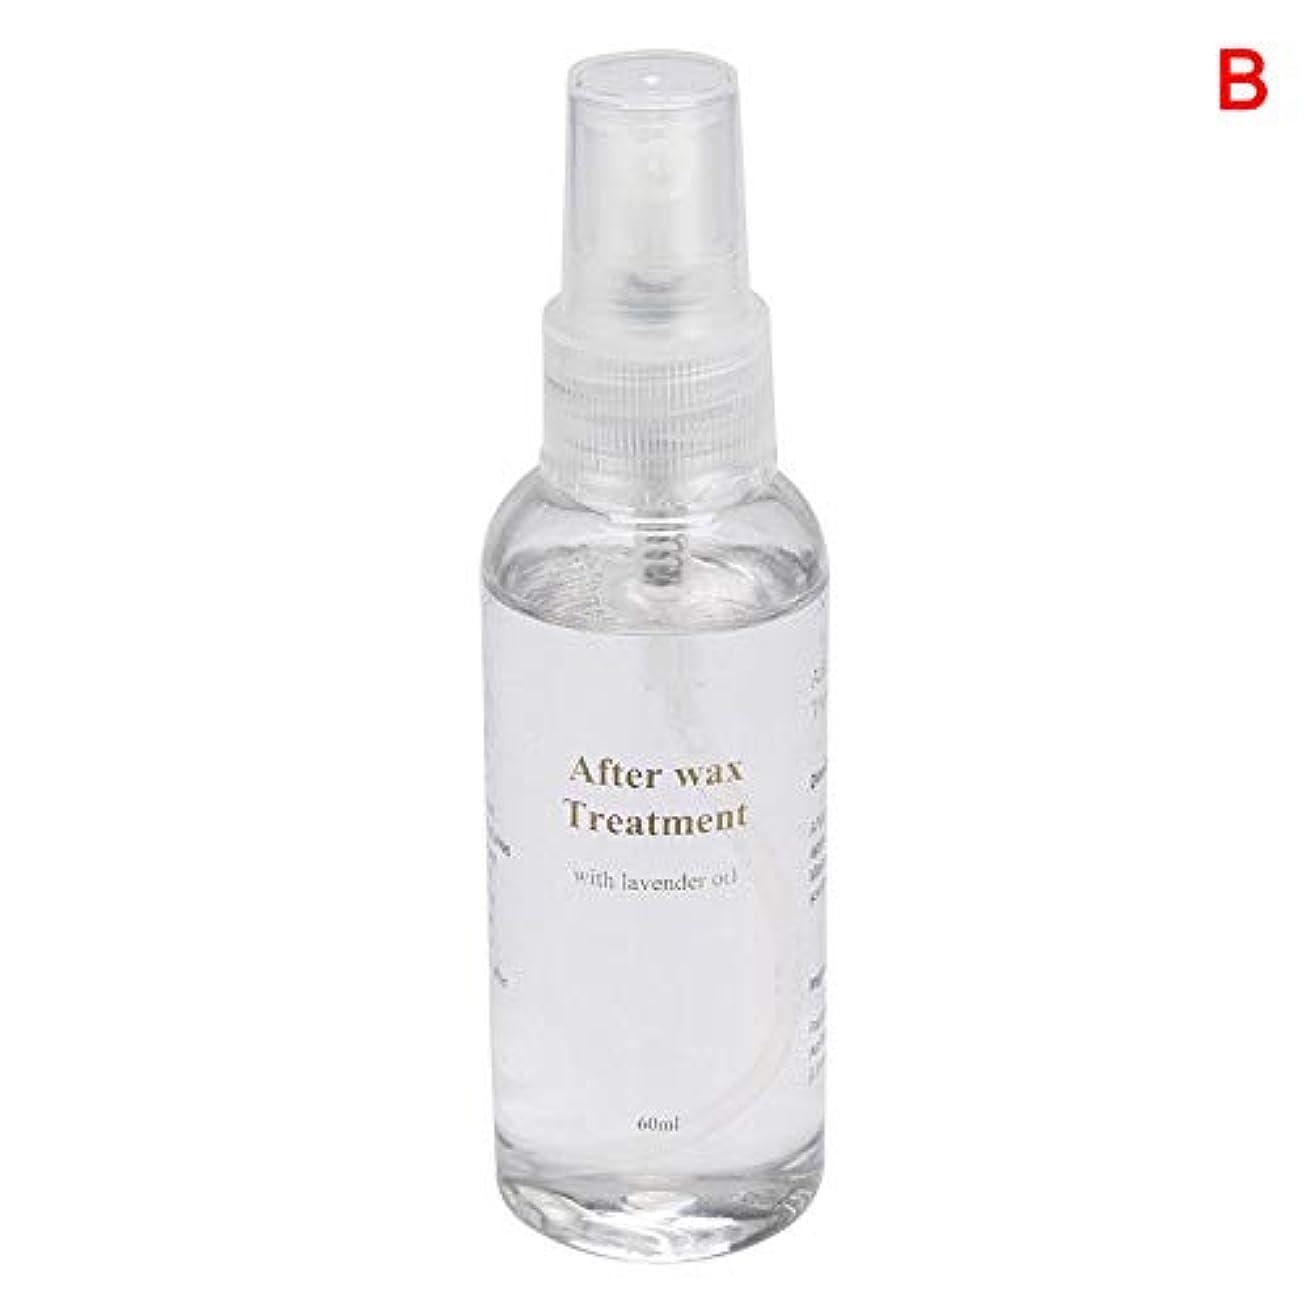 処分した薬局ワードローブProfeel 2個/ 1個脱毛治療スプレーワックス60 ML徹底的かつ簡単に除去後